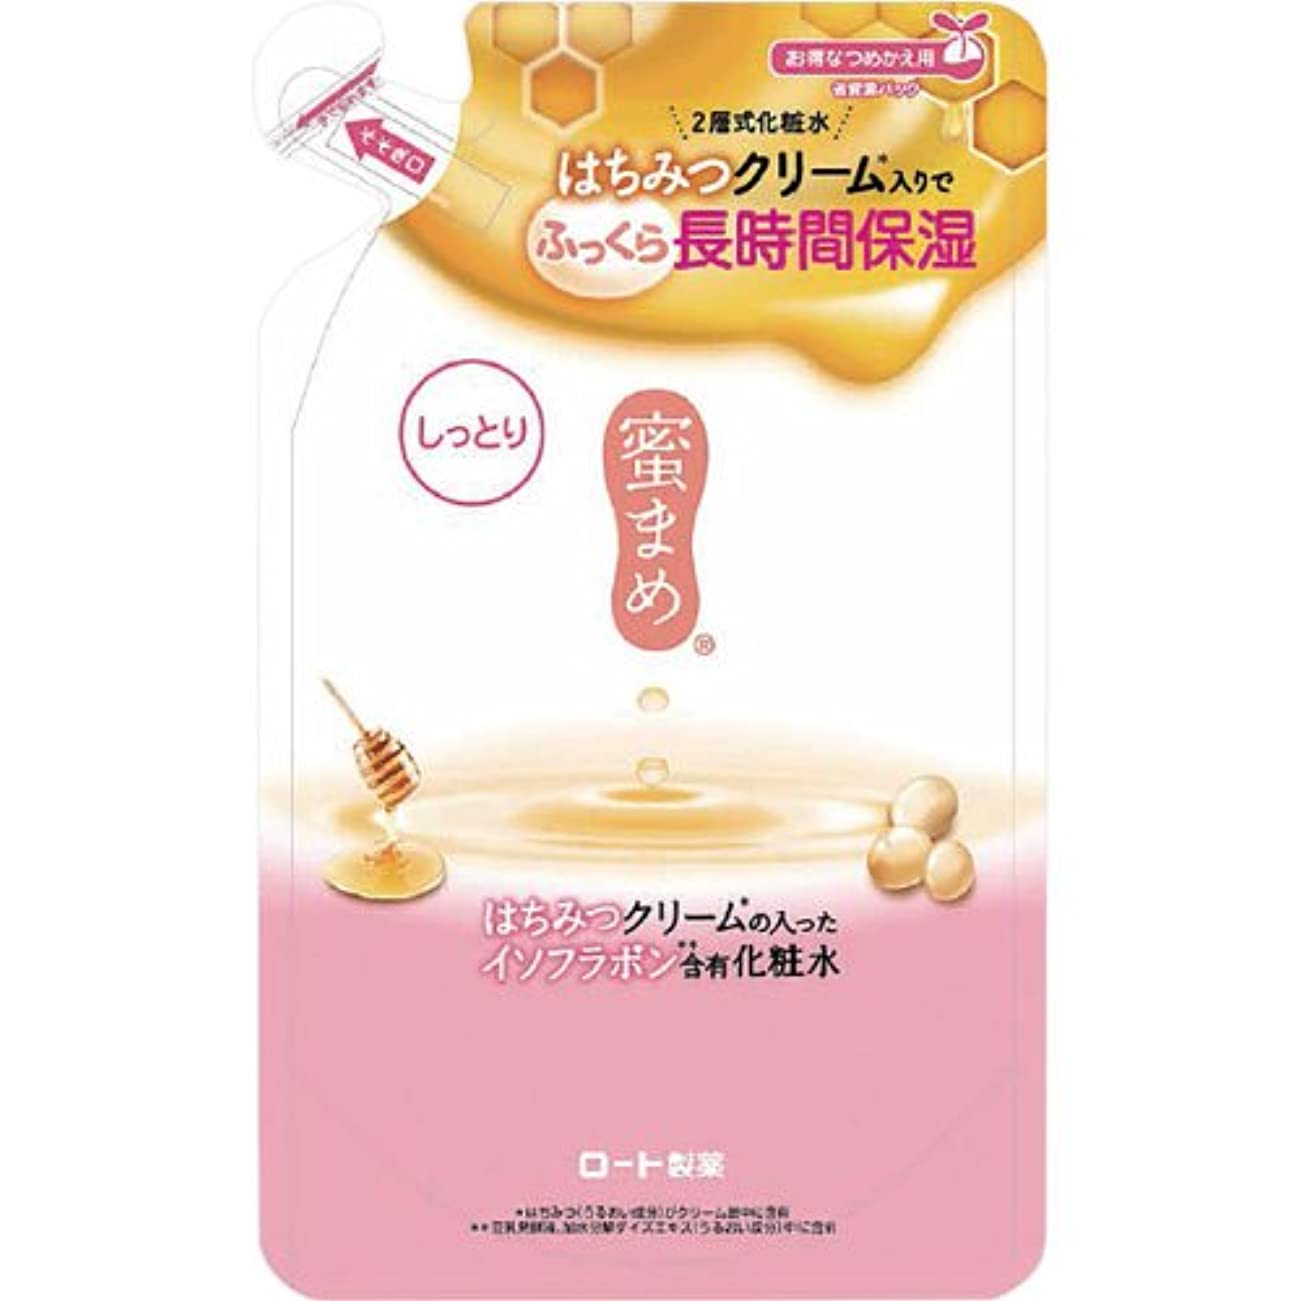 蜜まめ 合わせ化粧水 (しっとり) (つめかえ用) 180mL